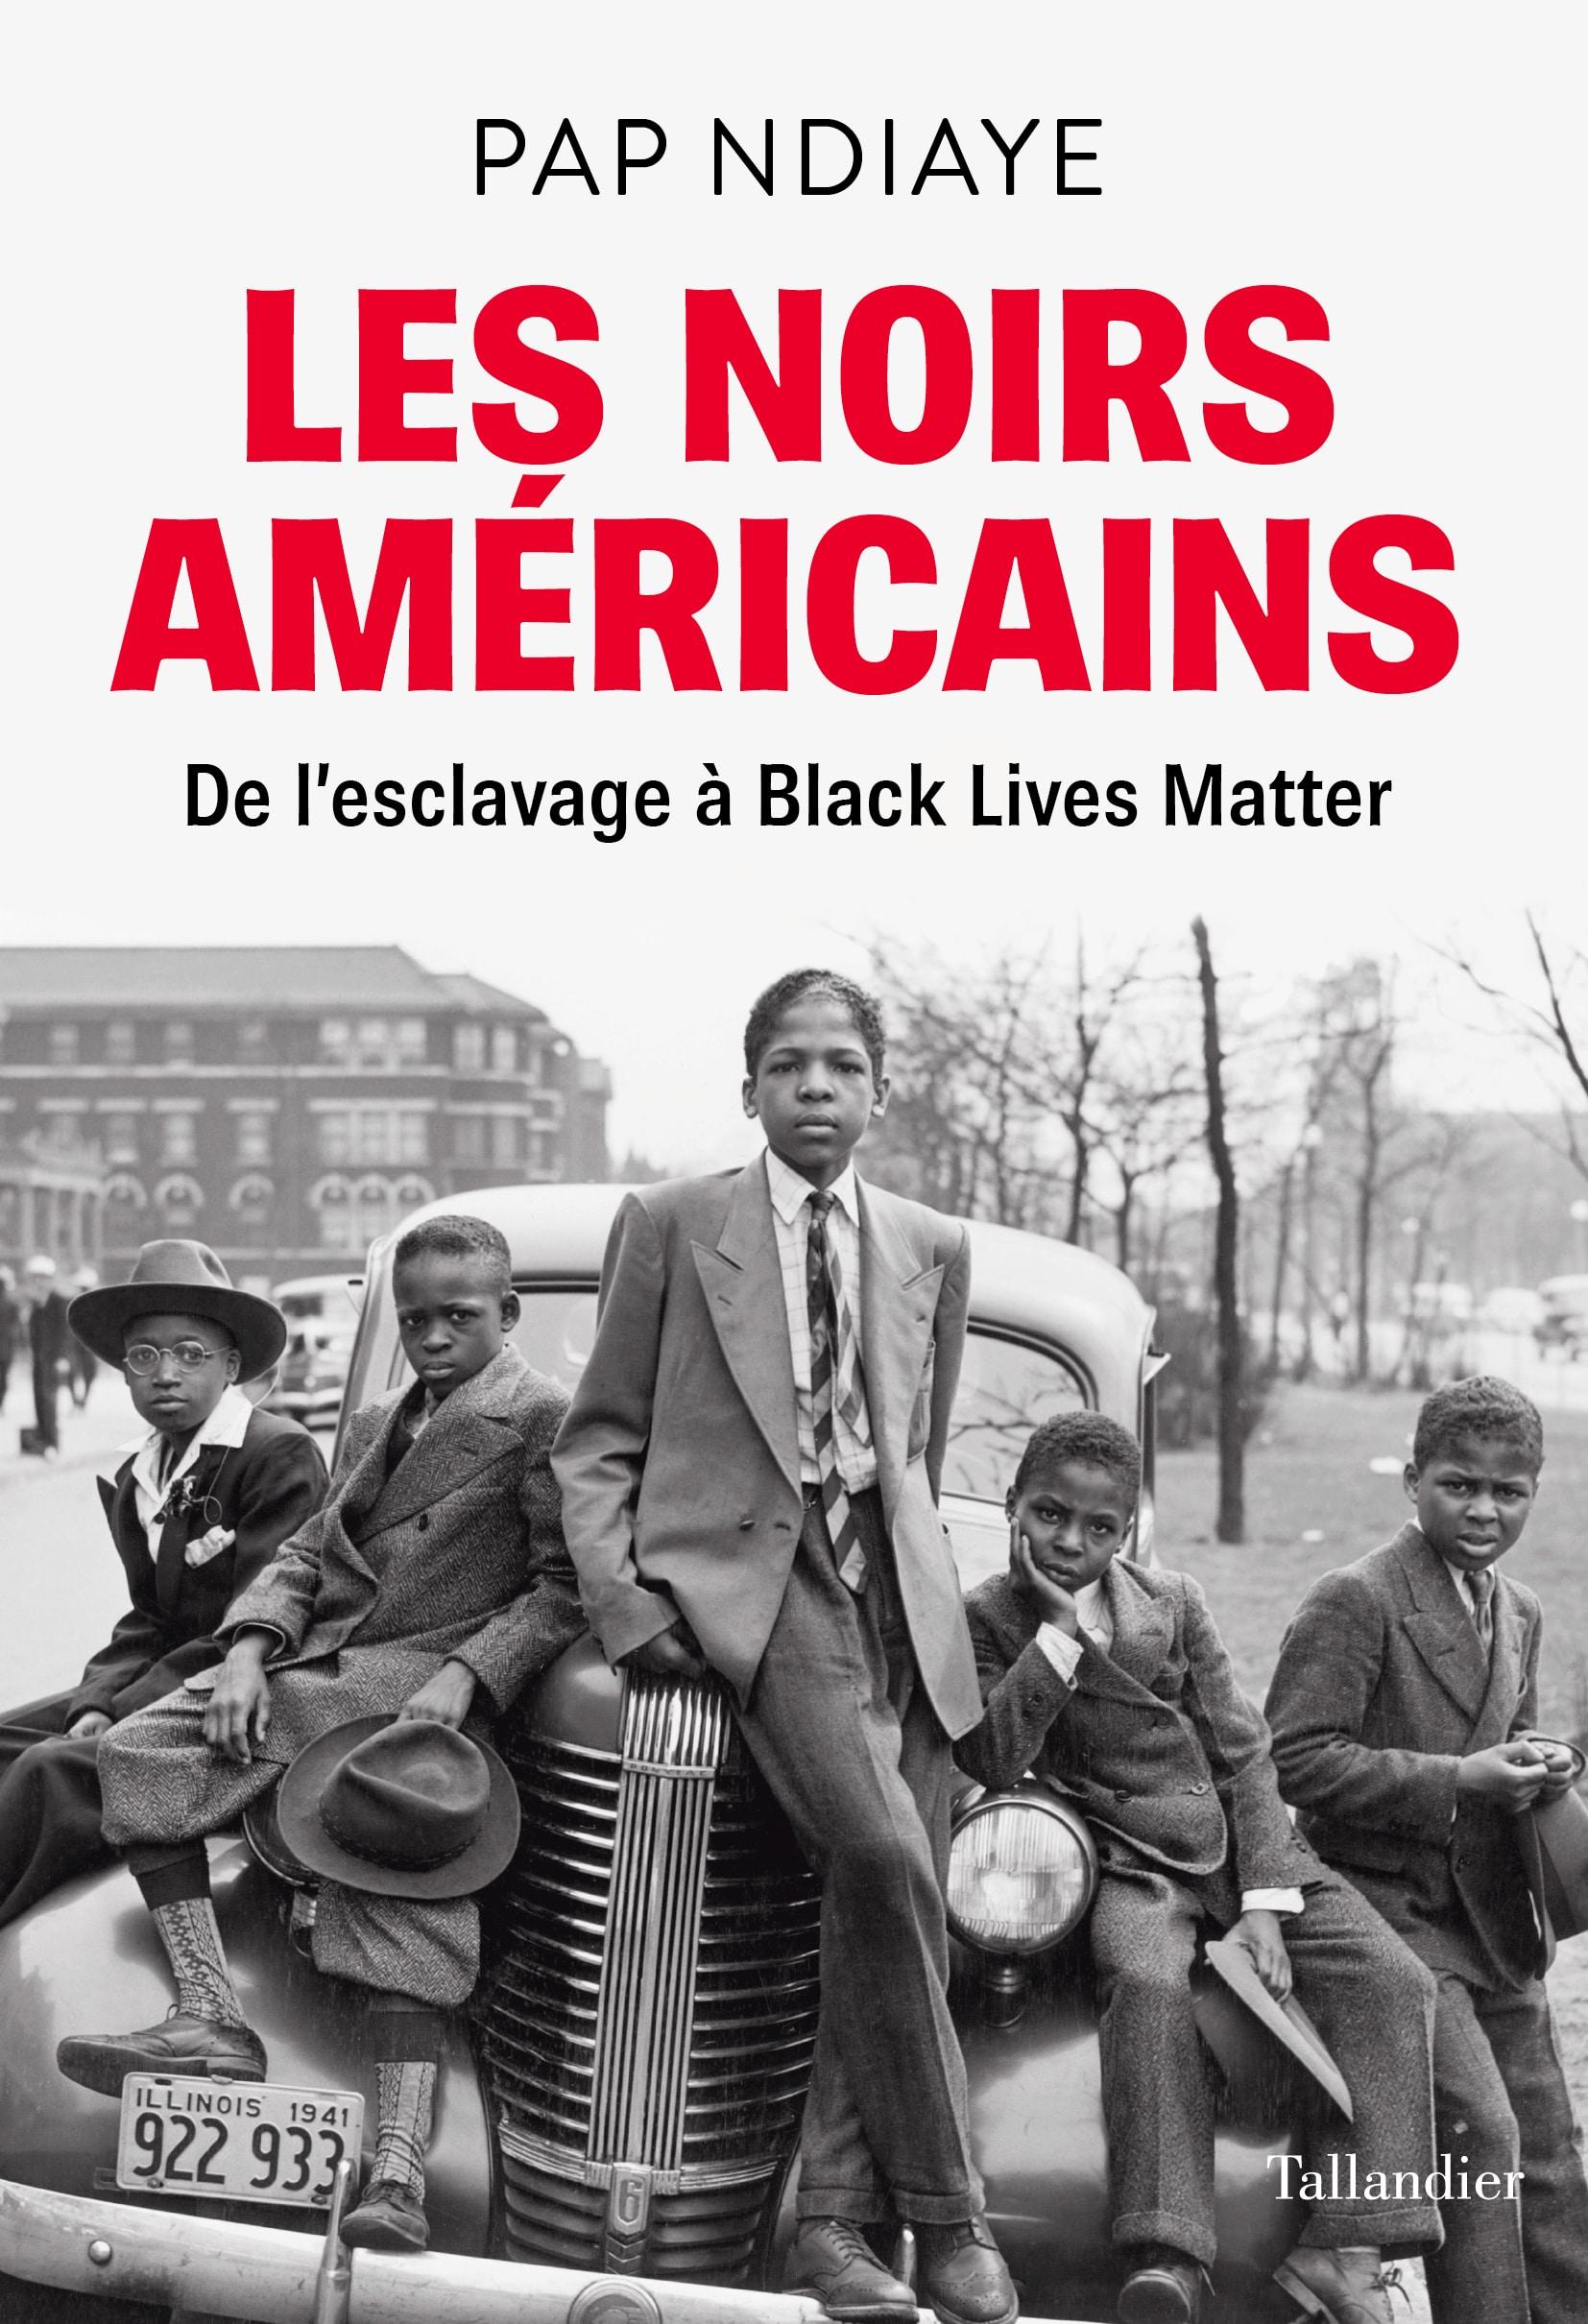 Les Noirs américains